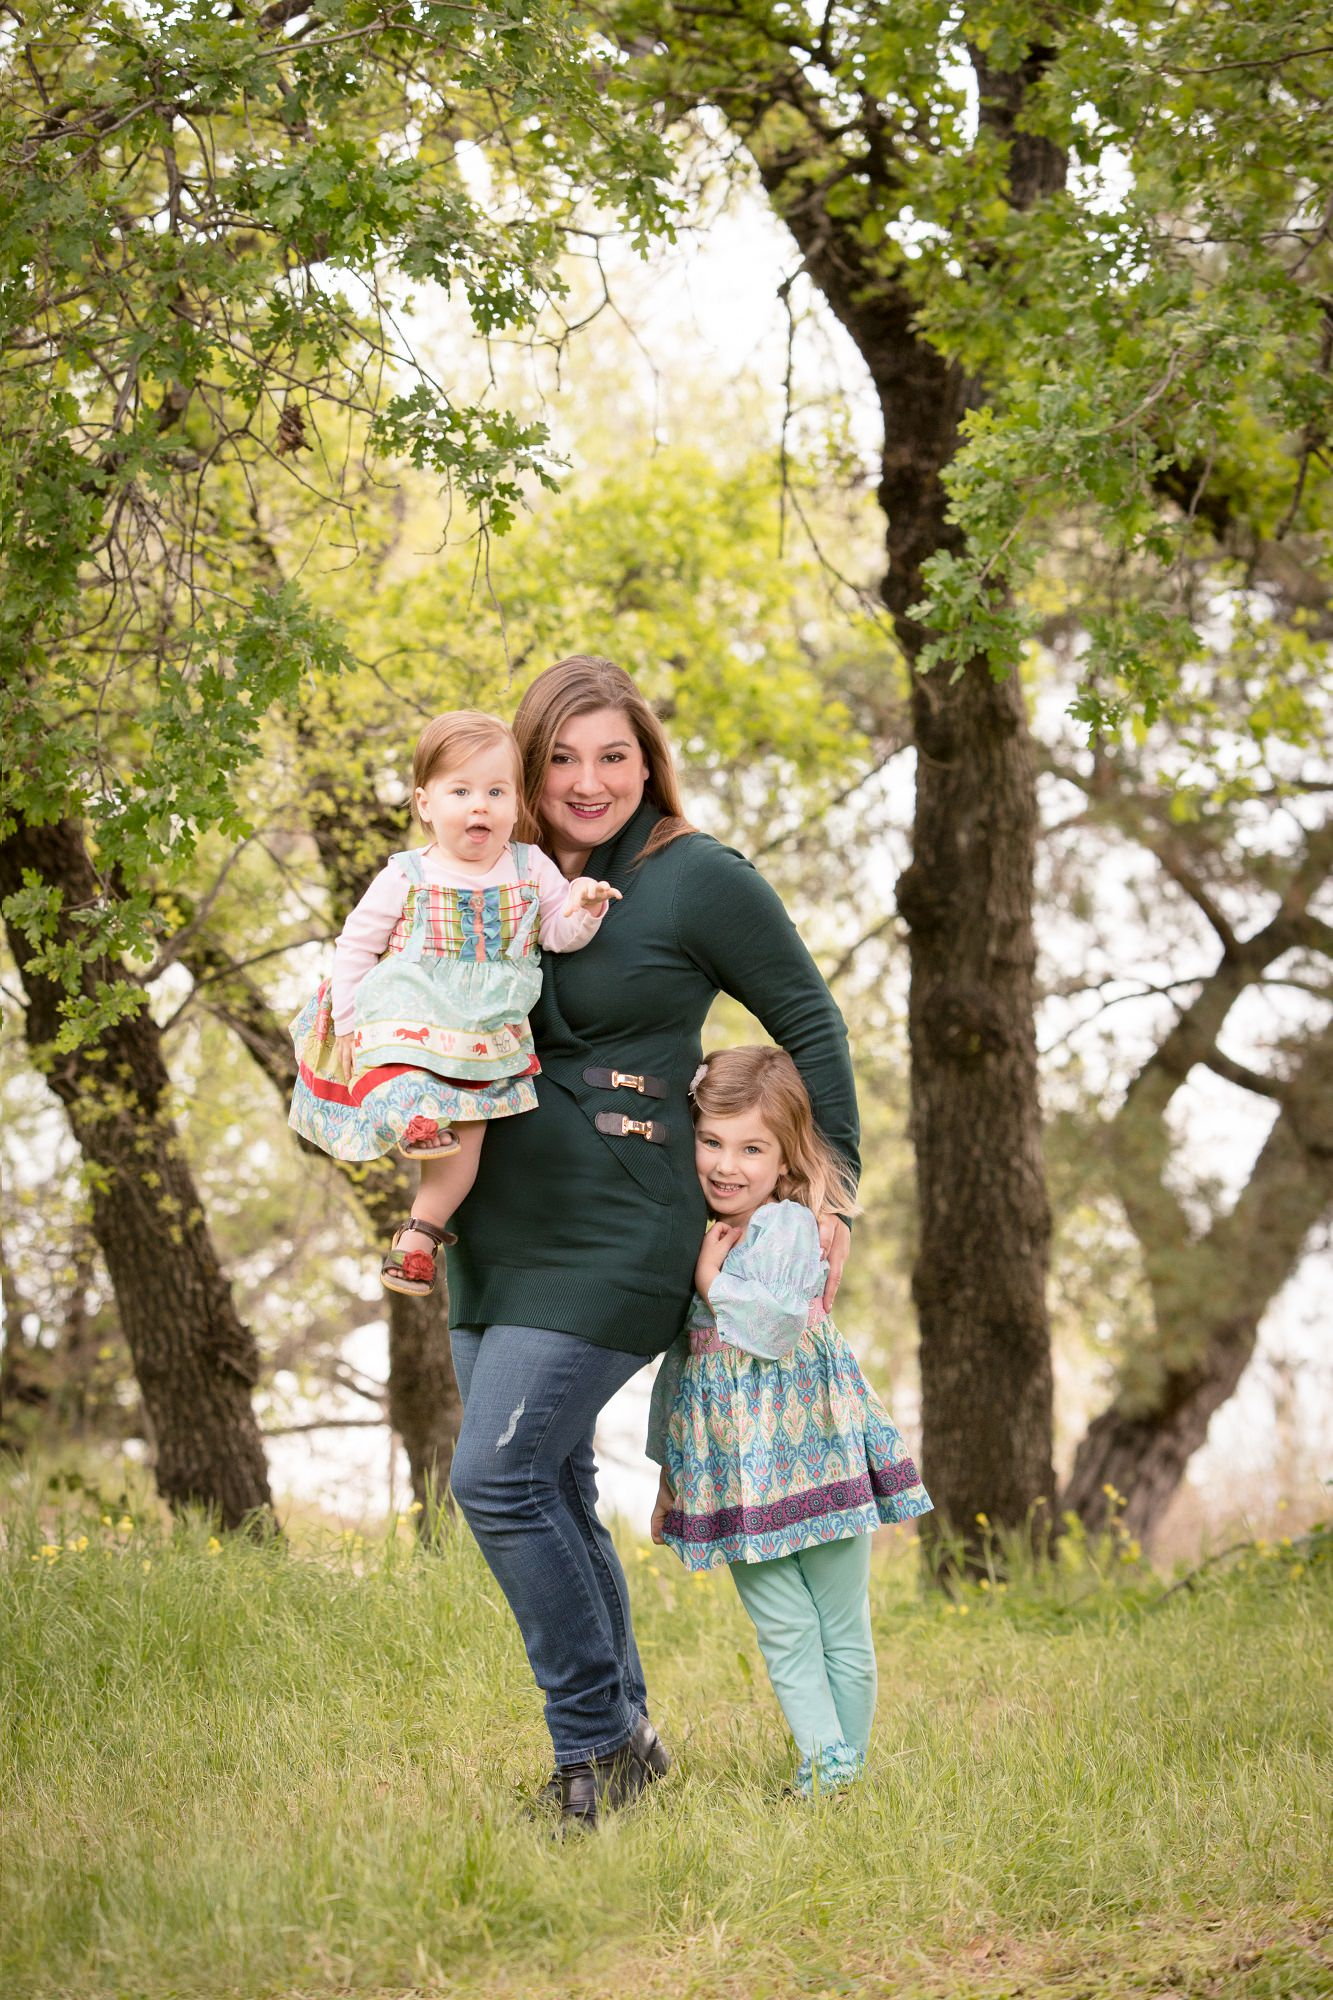 Vasona_family_posed_green_location